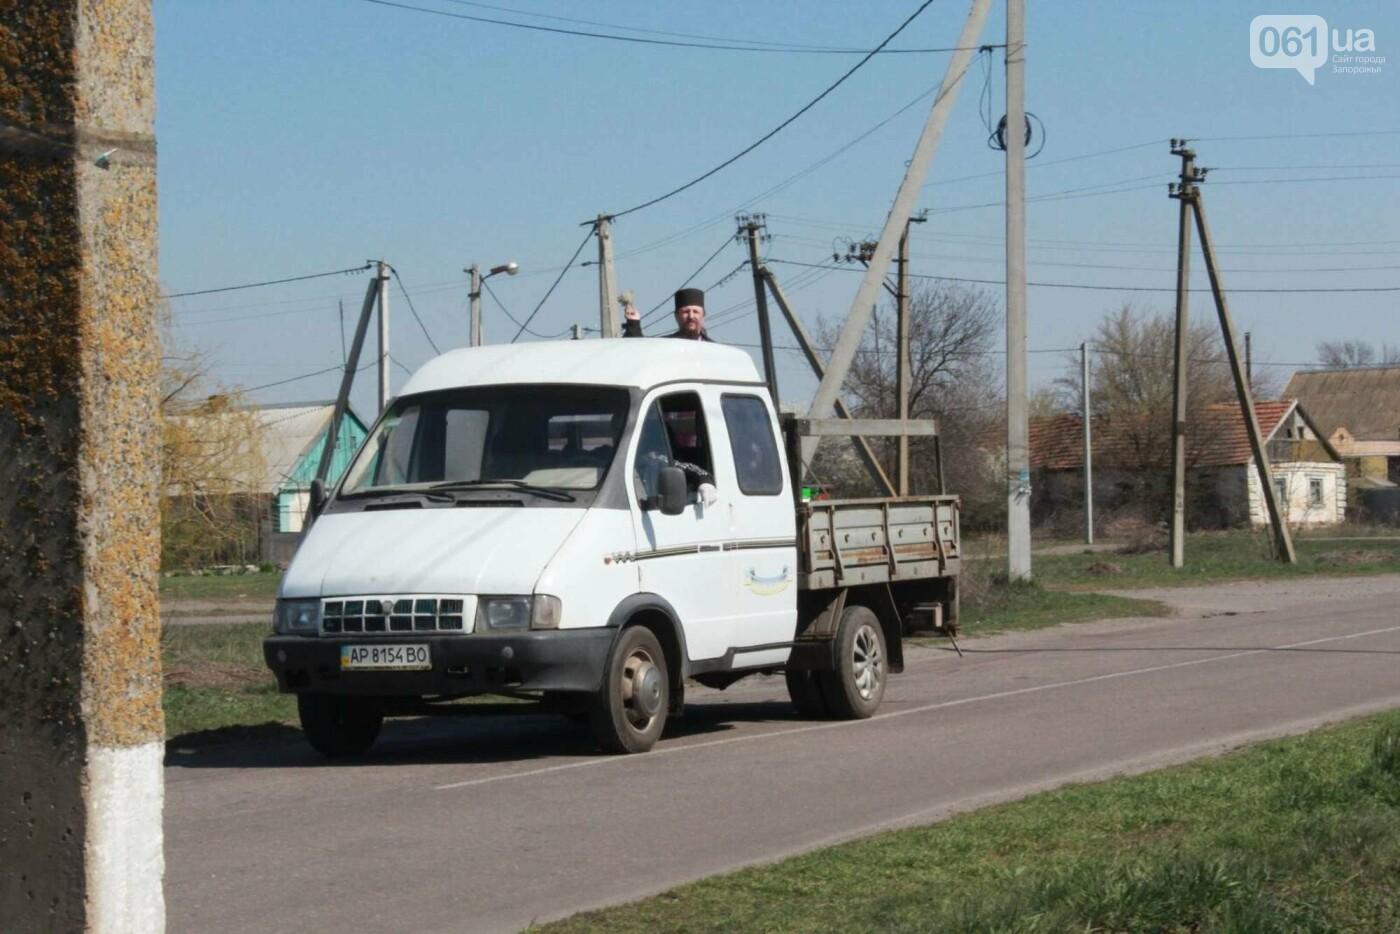 От коронавируса: в Запорожской области священник на грузовике окропил села святой водой , фото-1